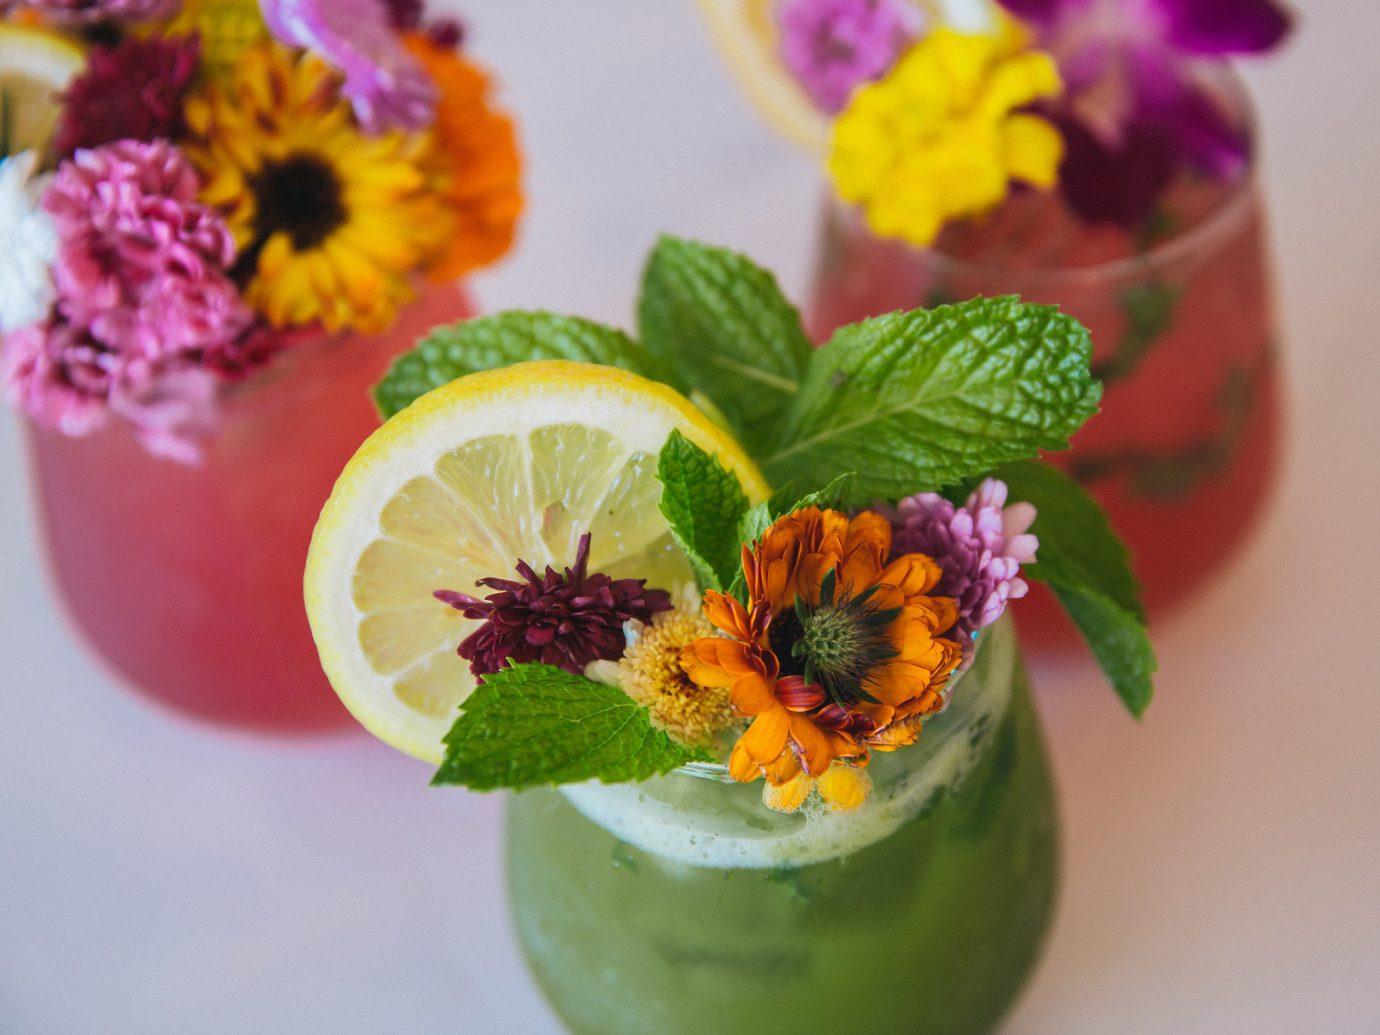 Jetsetter Guides flower plant Drink garnish bouquet lemonade floristry floral design flower arranging vegetarian food fruit colored several